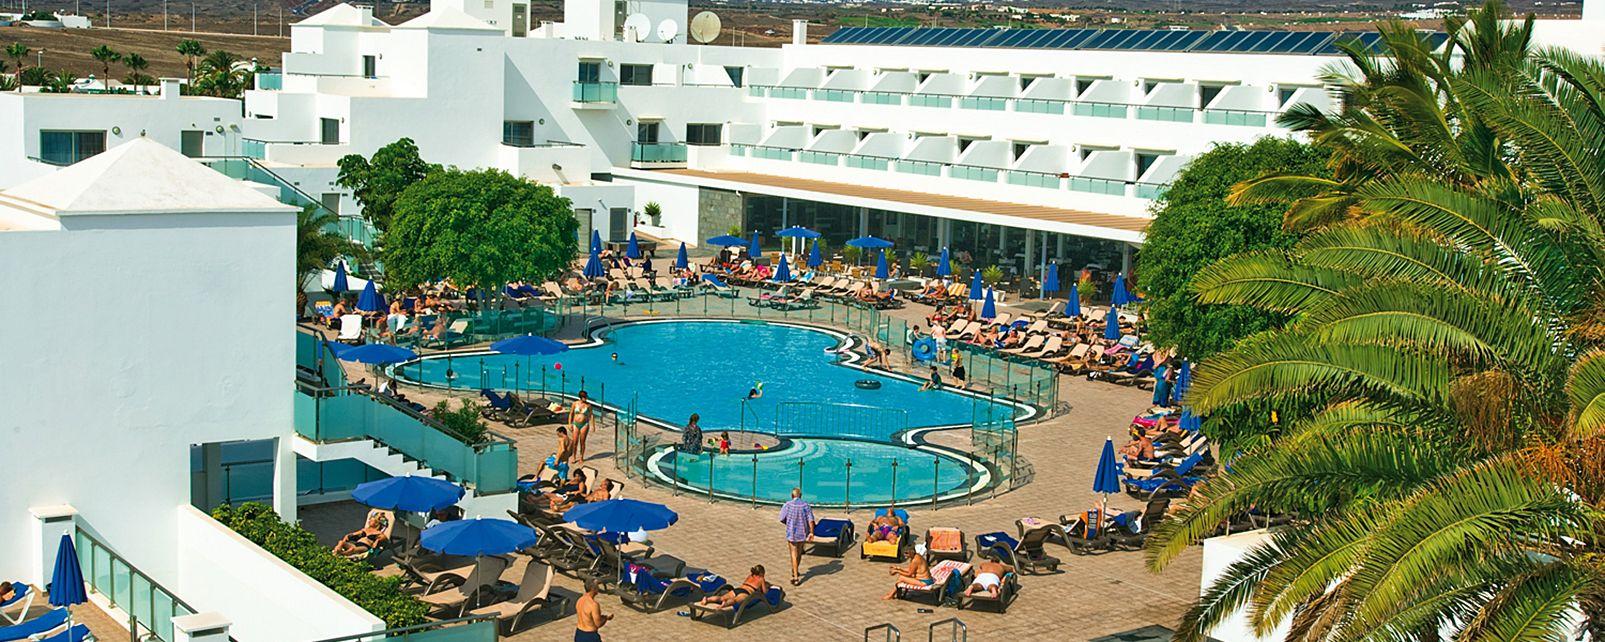 Hotel lanzarote village in puerto del carmen - Hotels in puerto del carmen ...